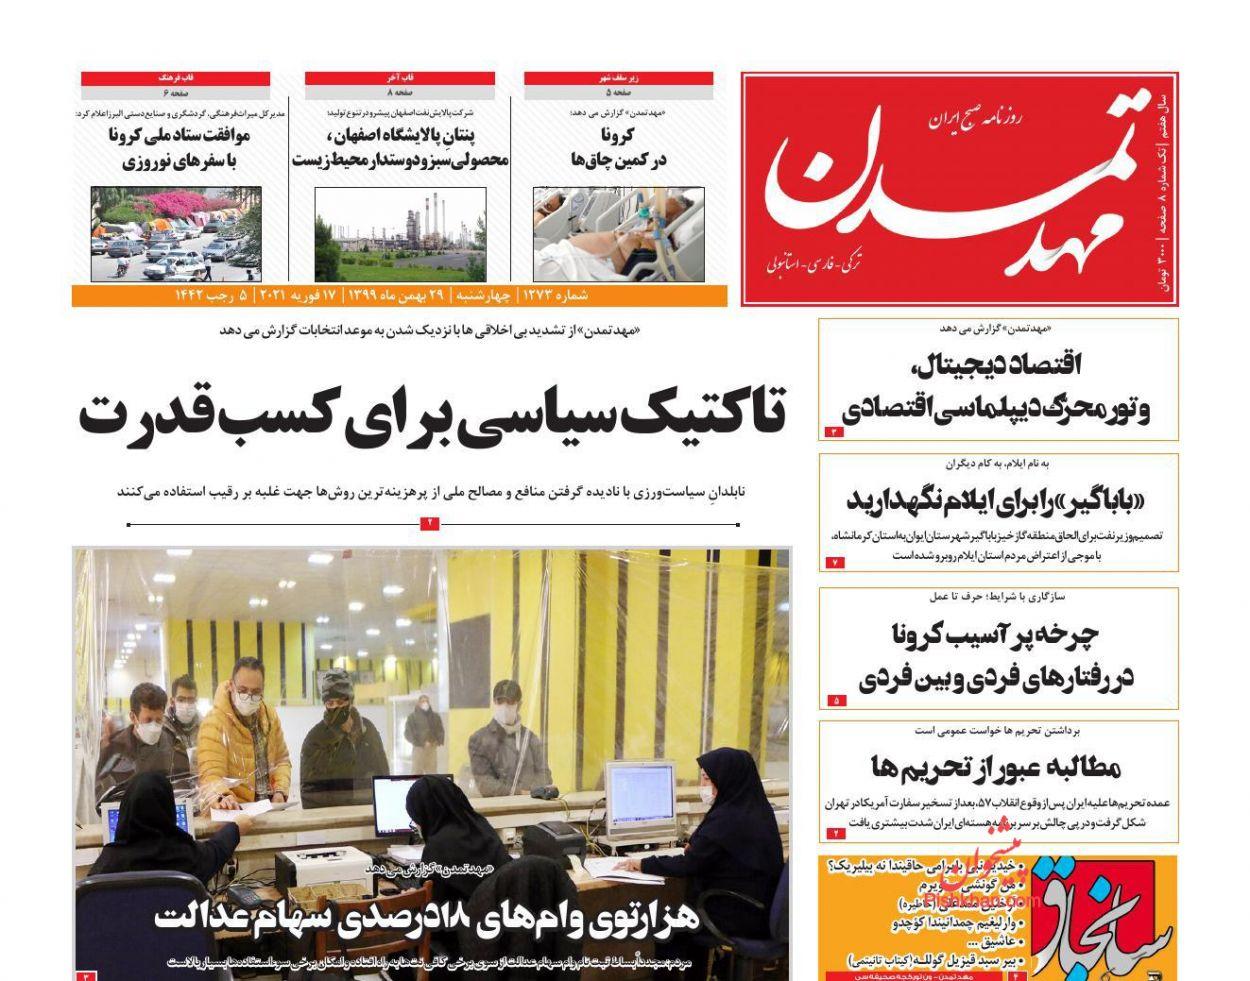 عناوین اخبار روزنامه مهد تمدن در روز چهارشنبه ۲۹ بهمن